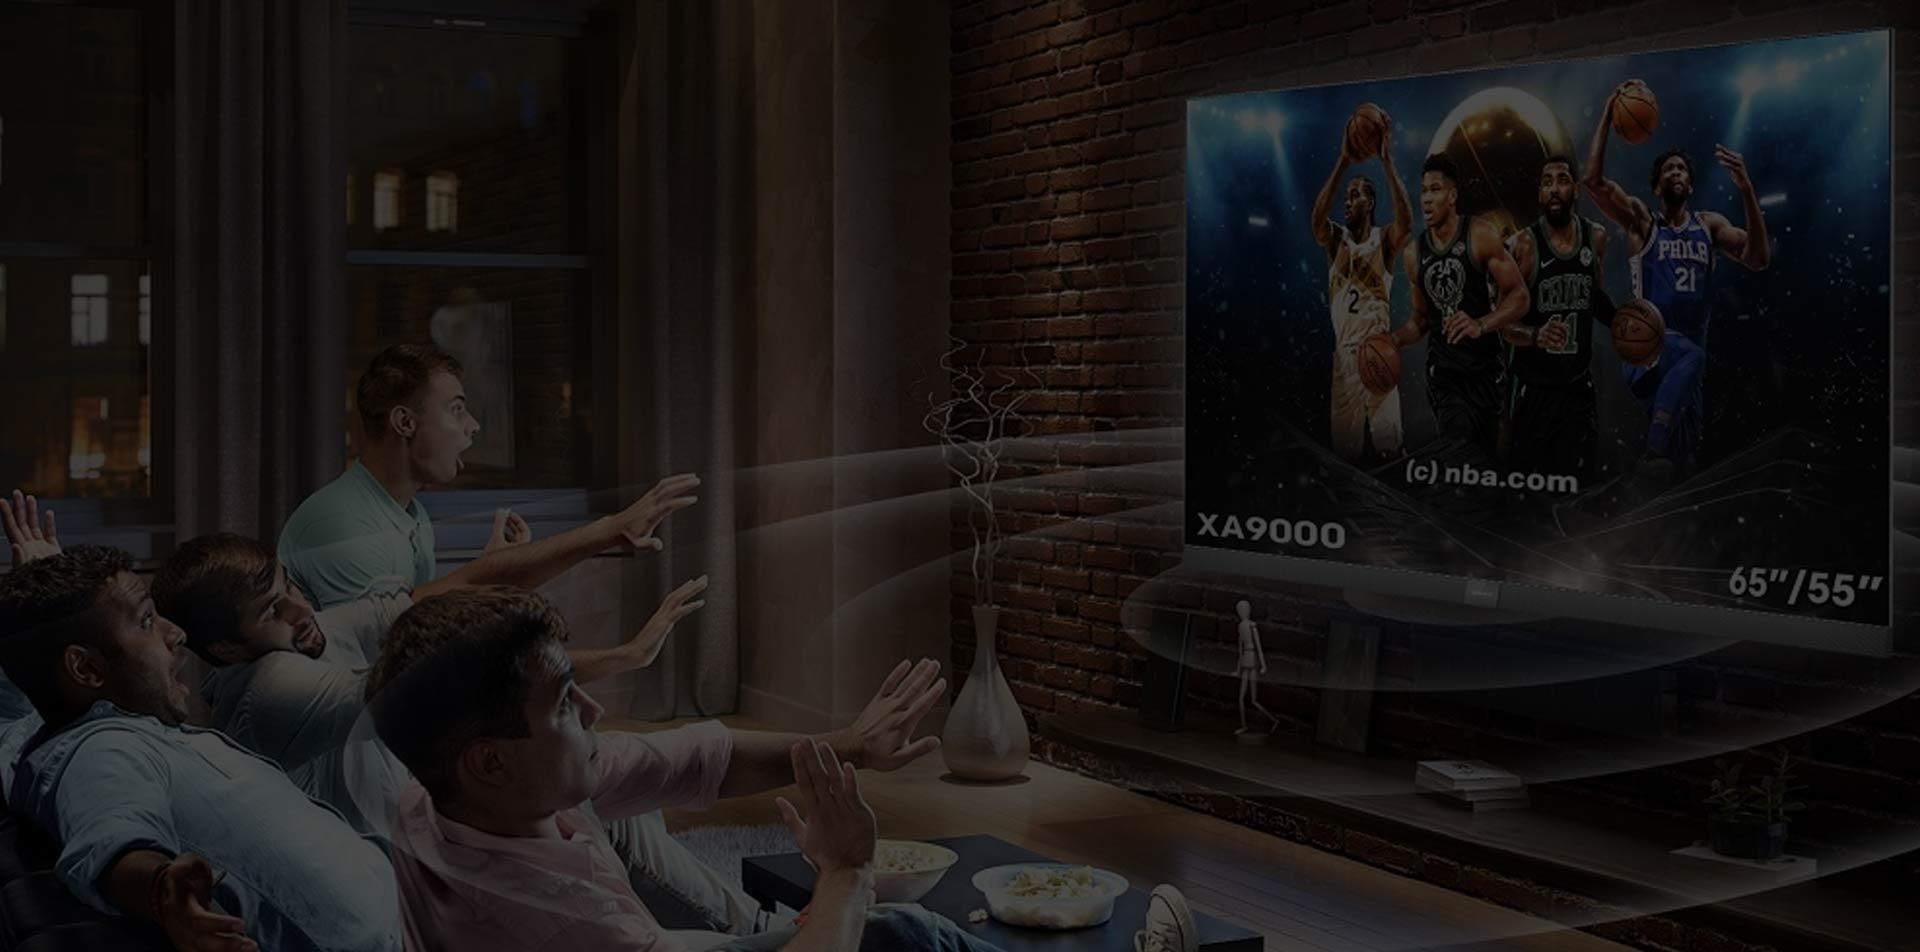 تعمیر پنل تلویزیون دوو در تهران